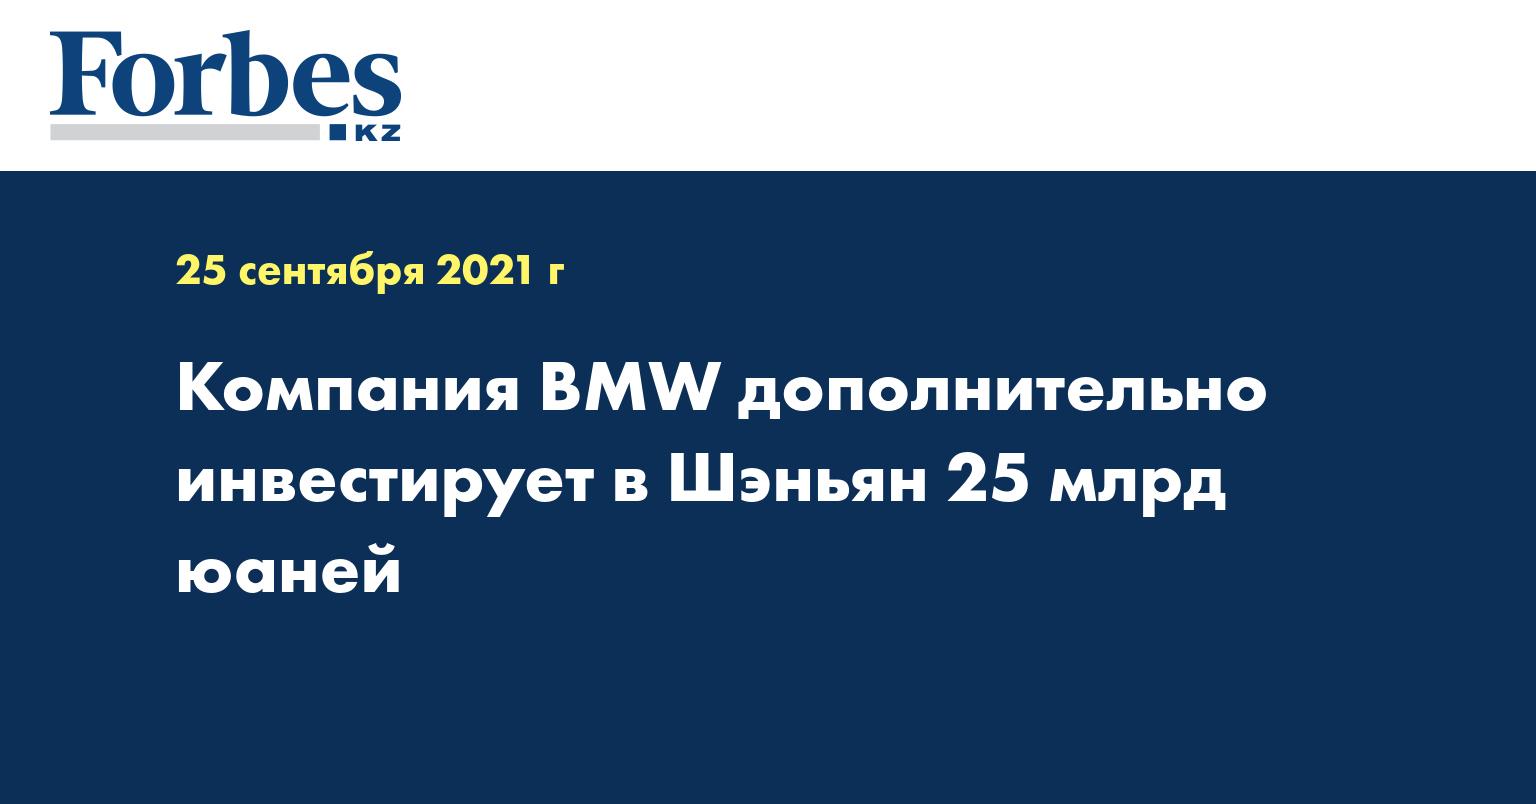 Компания BMW дополнительно инвестирует в Шэньян 25 млрд юаней